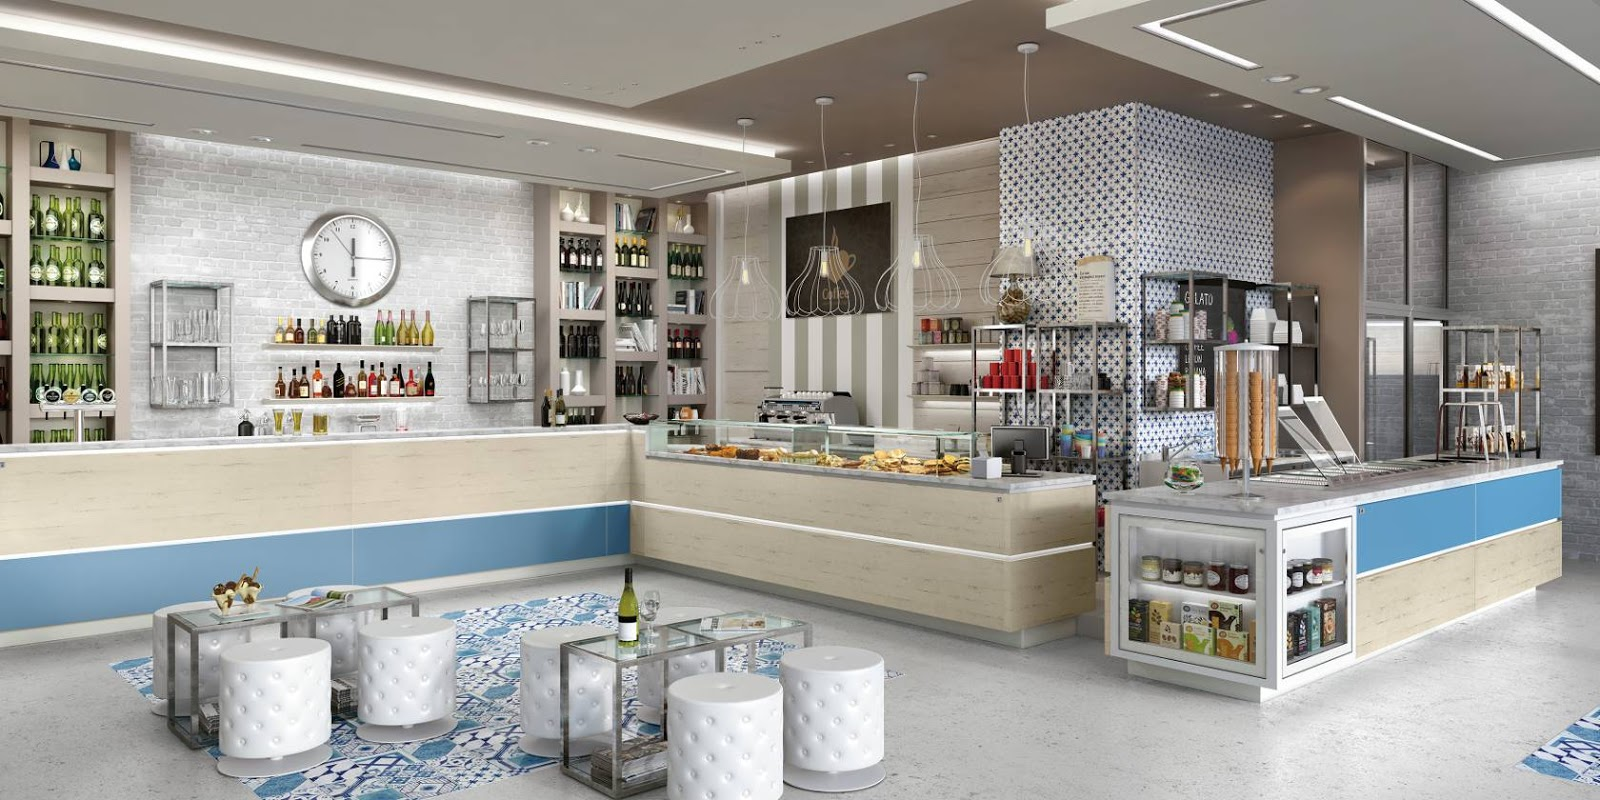 Degart arredamento progettazione bar ristoranti pub a for Bar arredamento